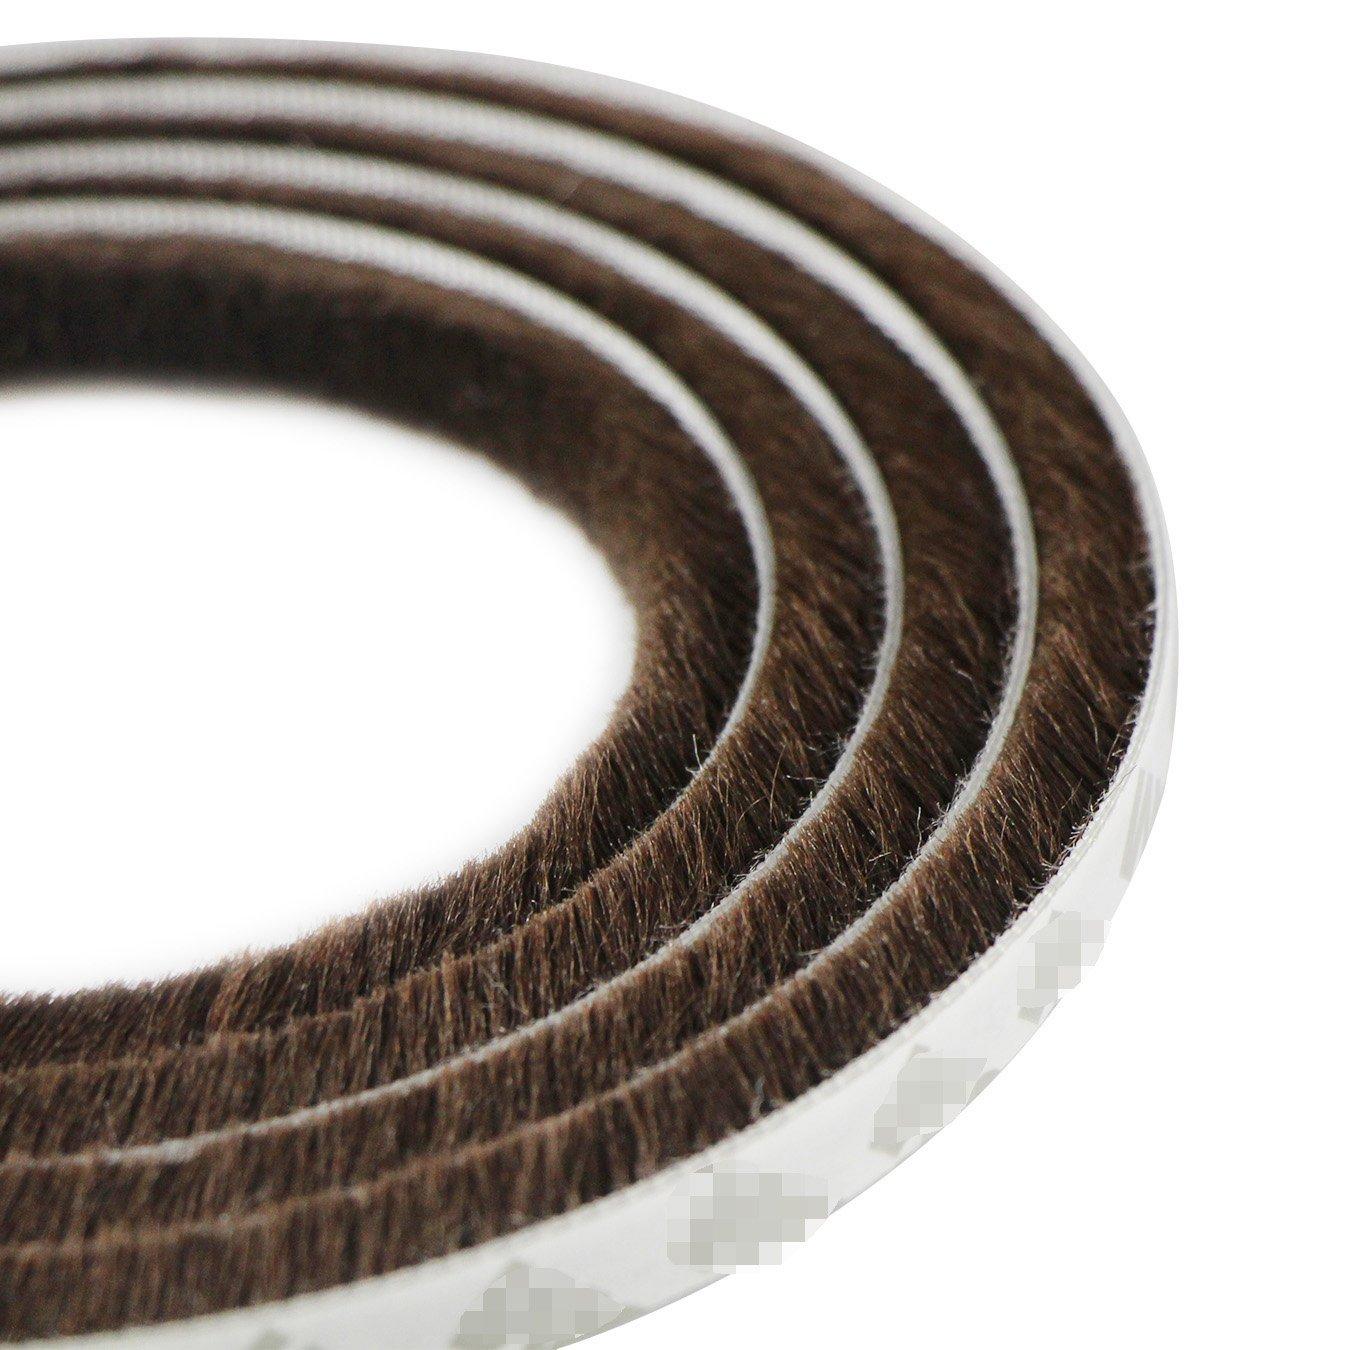 UOOOM 5 m a Prueba de Viento de Polvo Puerta Ventana Strip Pegatina de Sellado Cepillo Strip